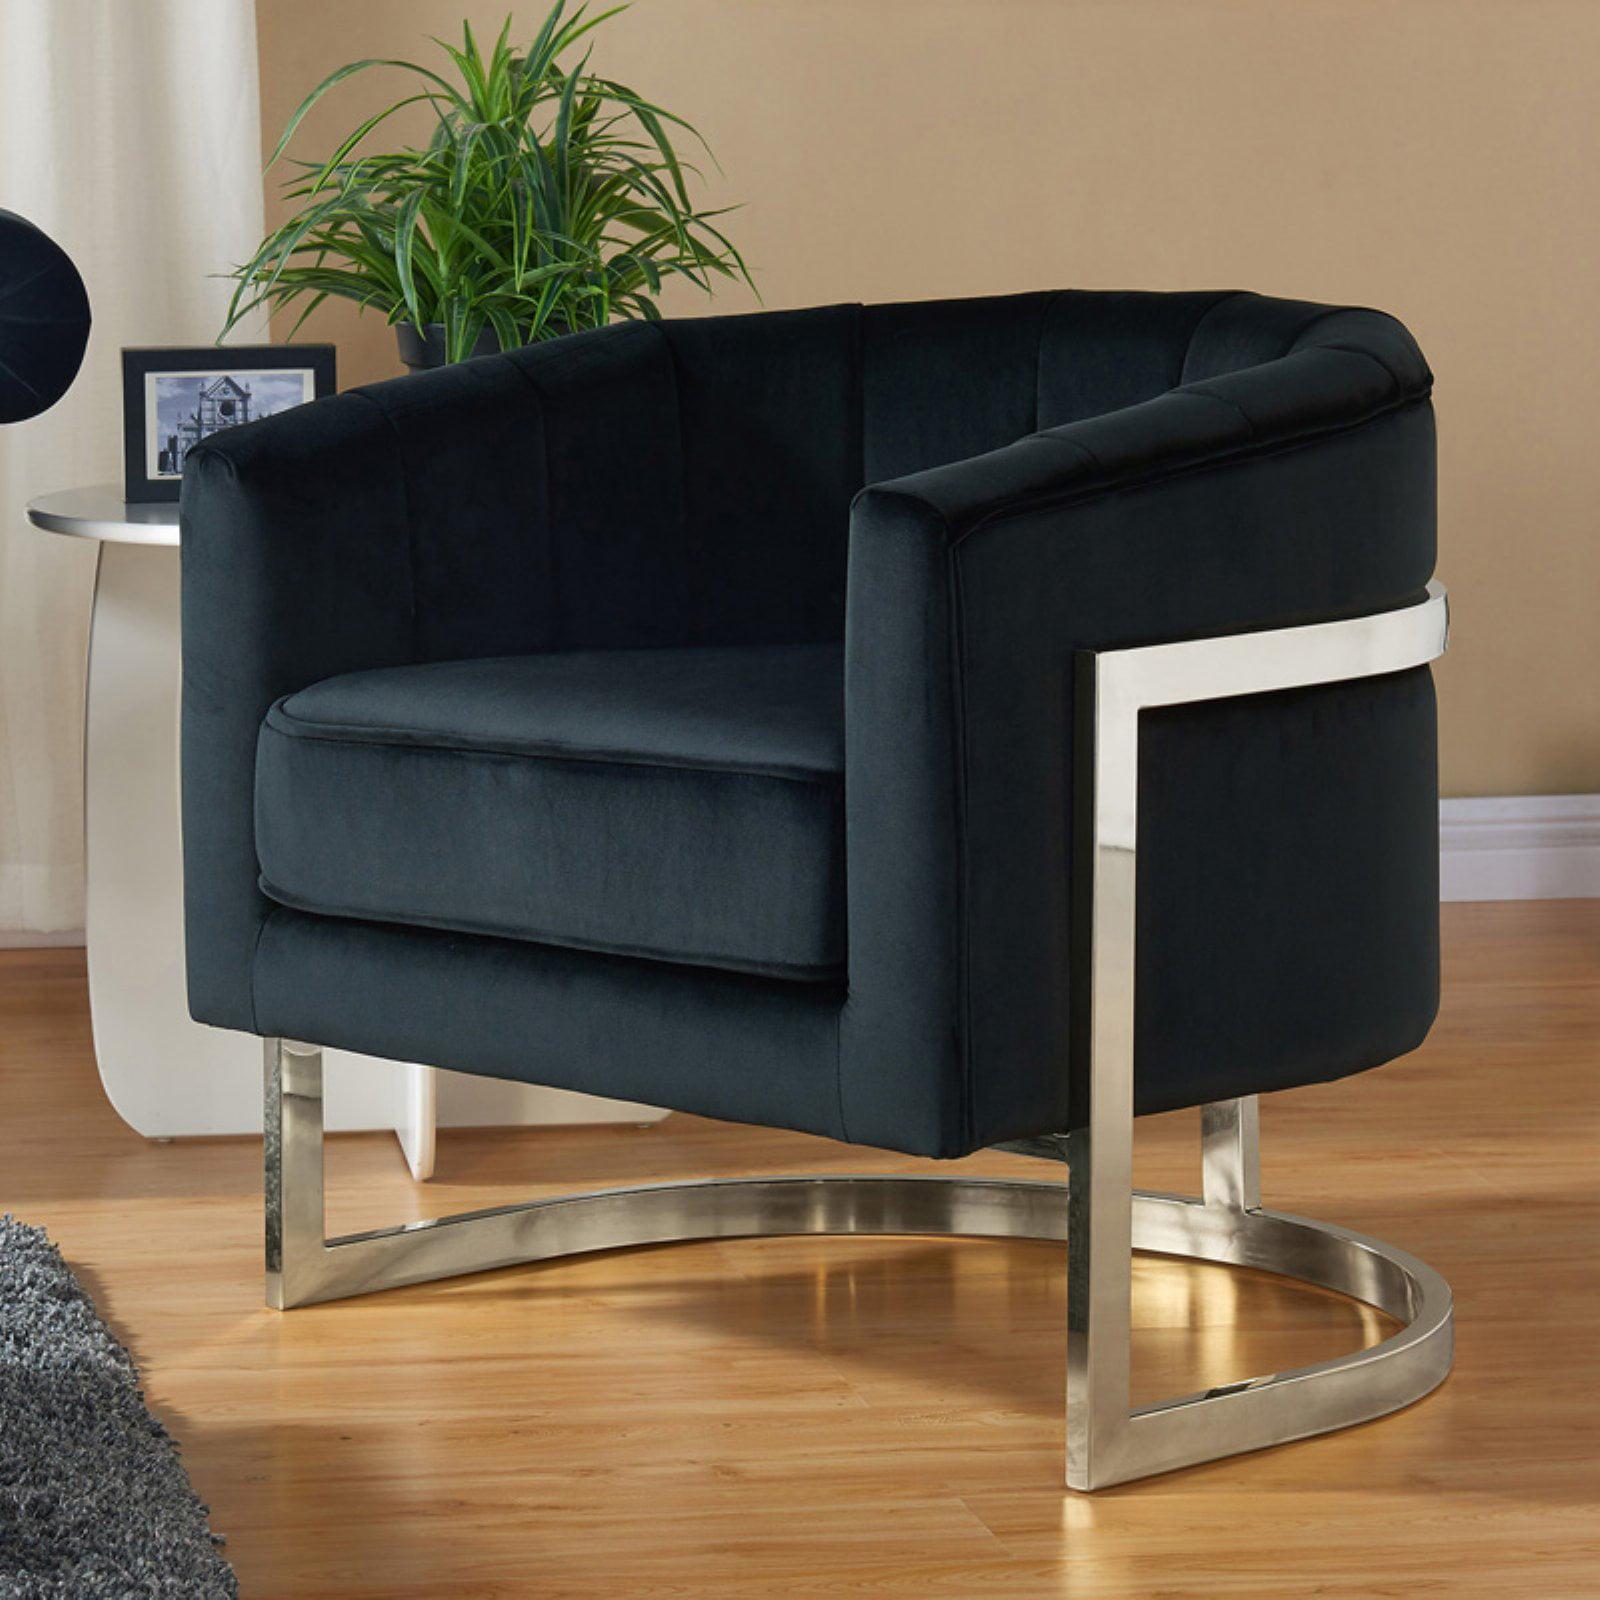 Nspire Velvet Chrome Accent Chair Walmart Com